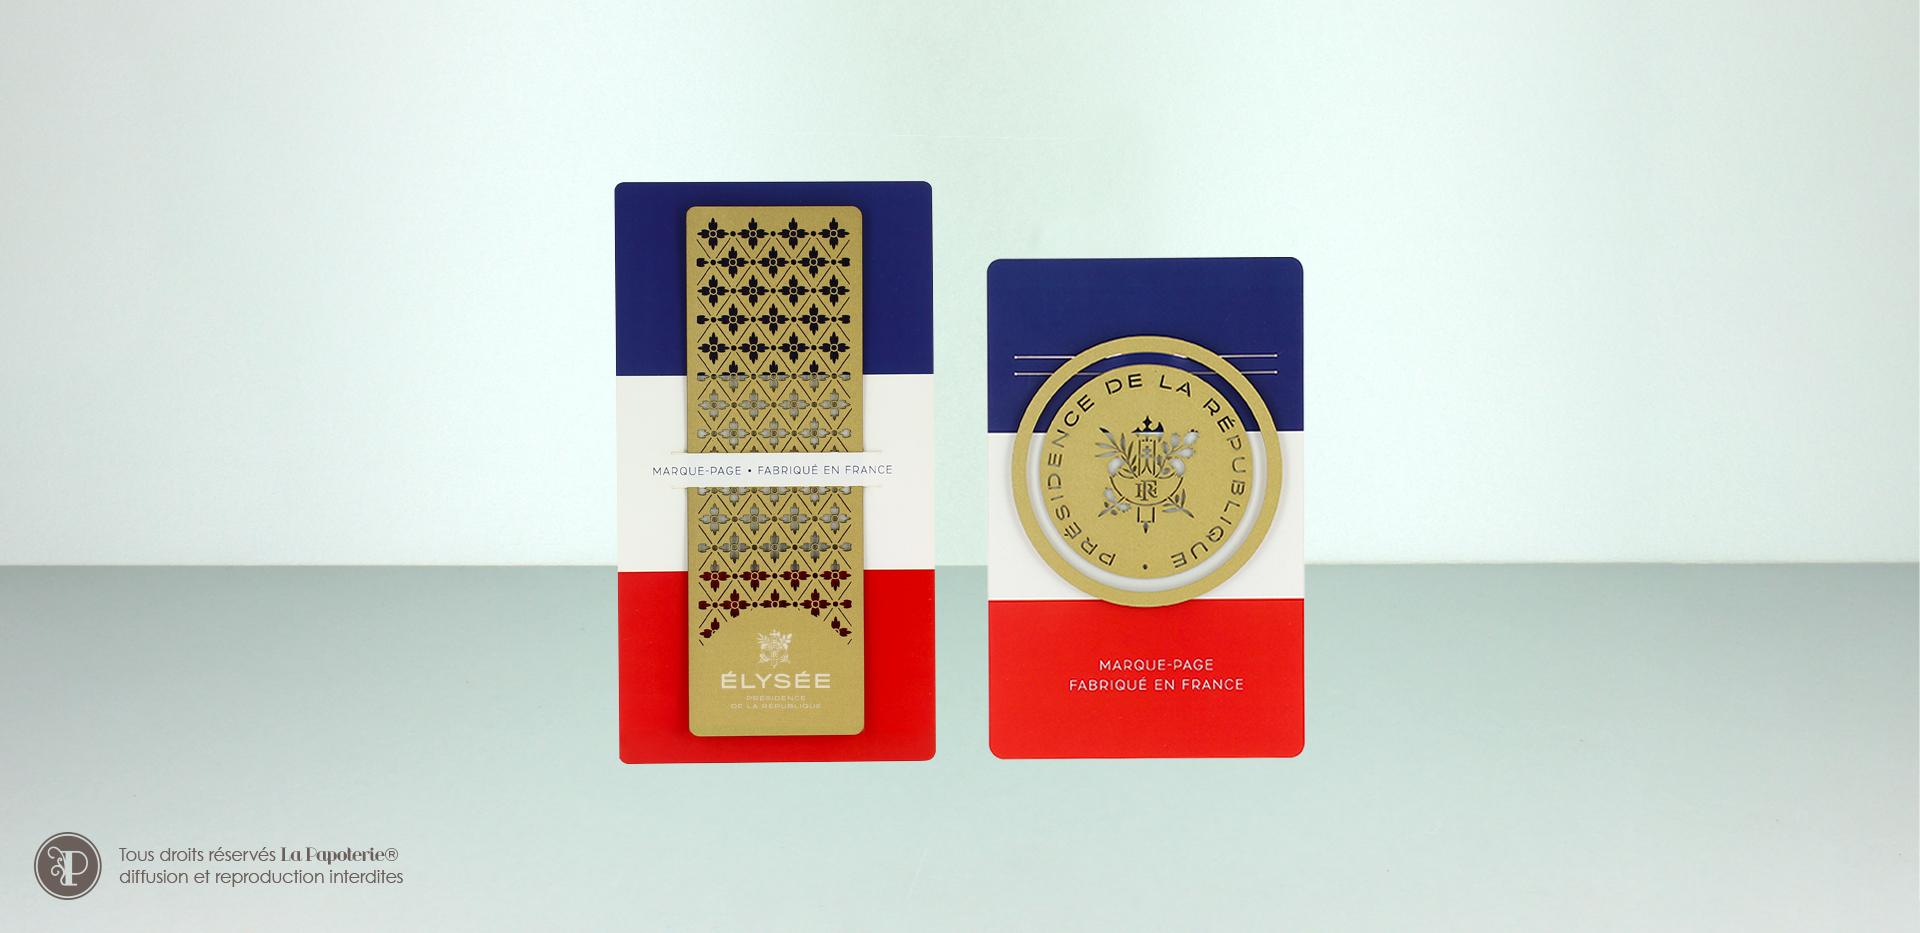 La Papoterie arboresens-elysee-boutique-marque-page-XL-rond Marques-pages Arboresens Boutique Elysée